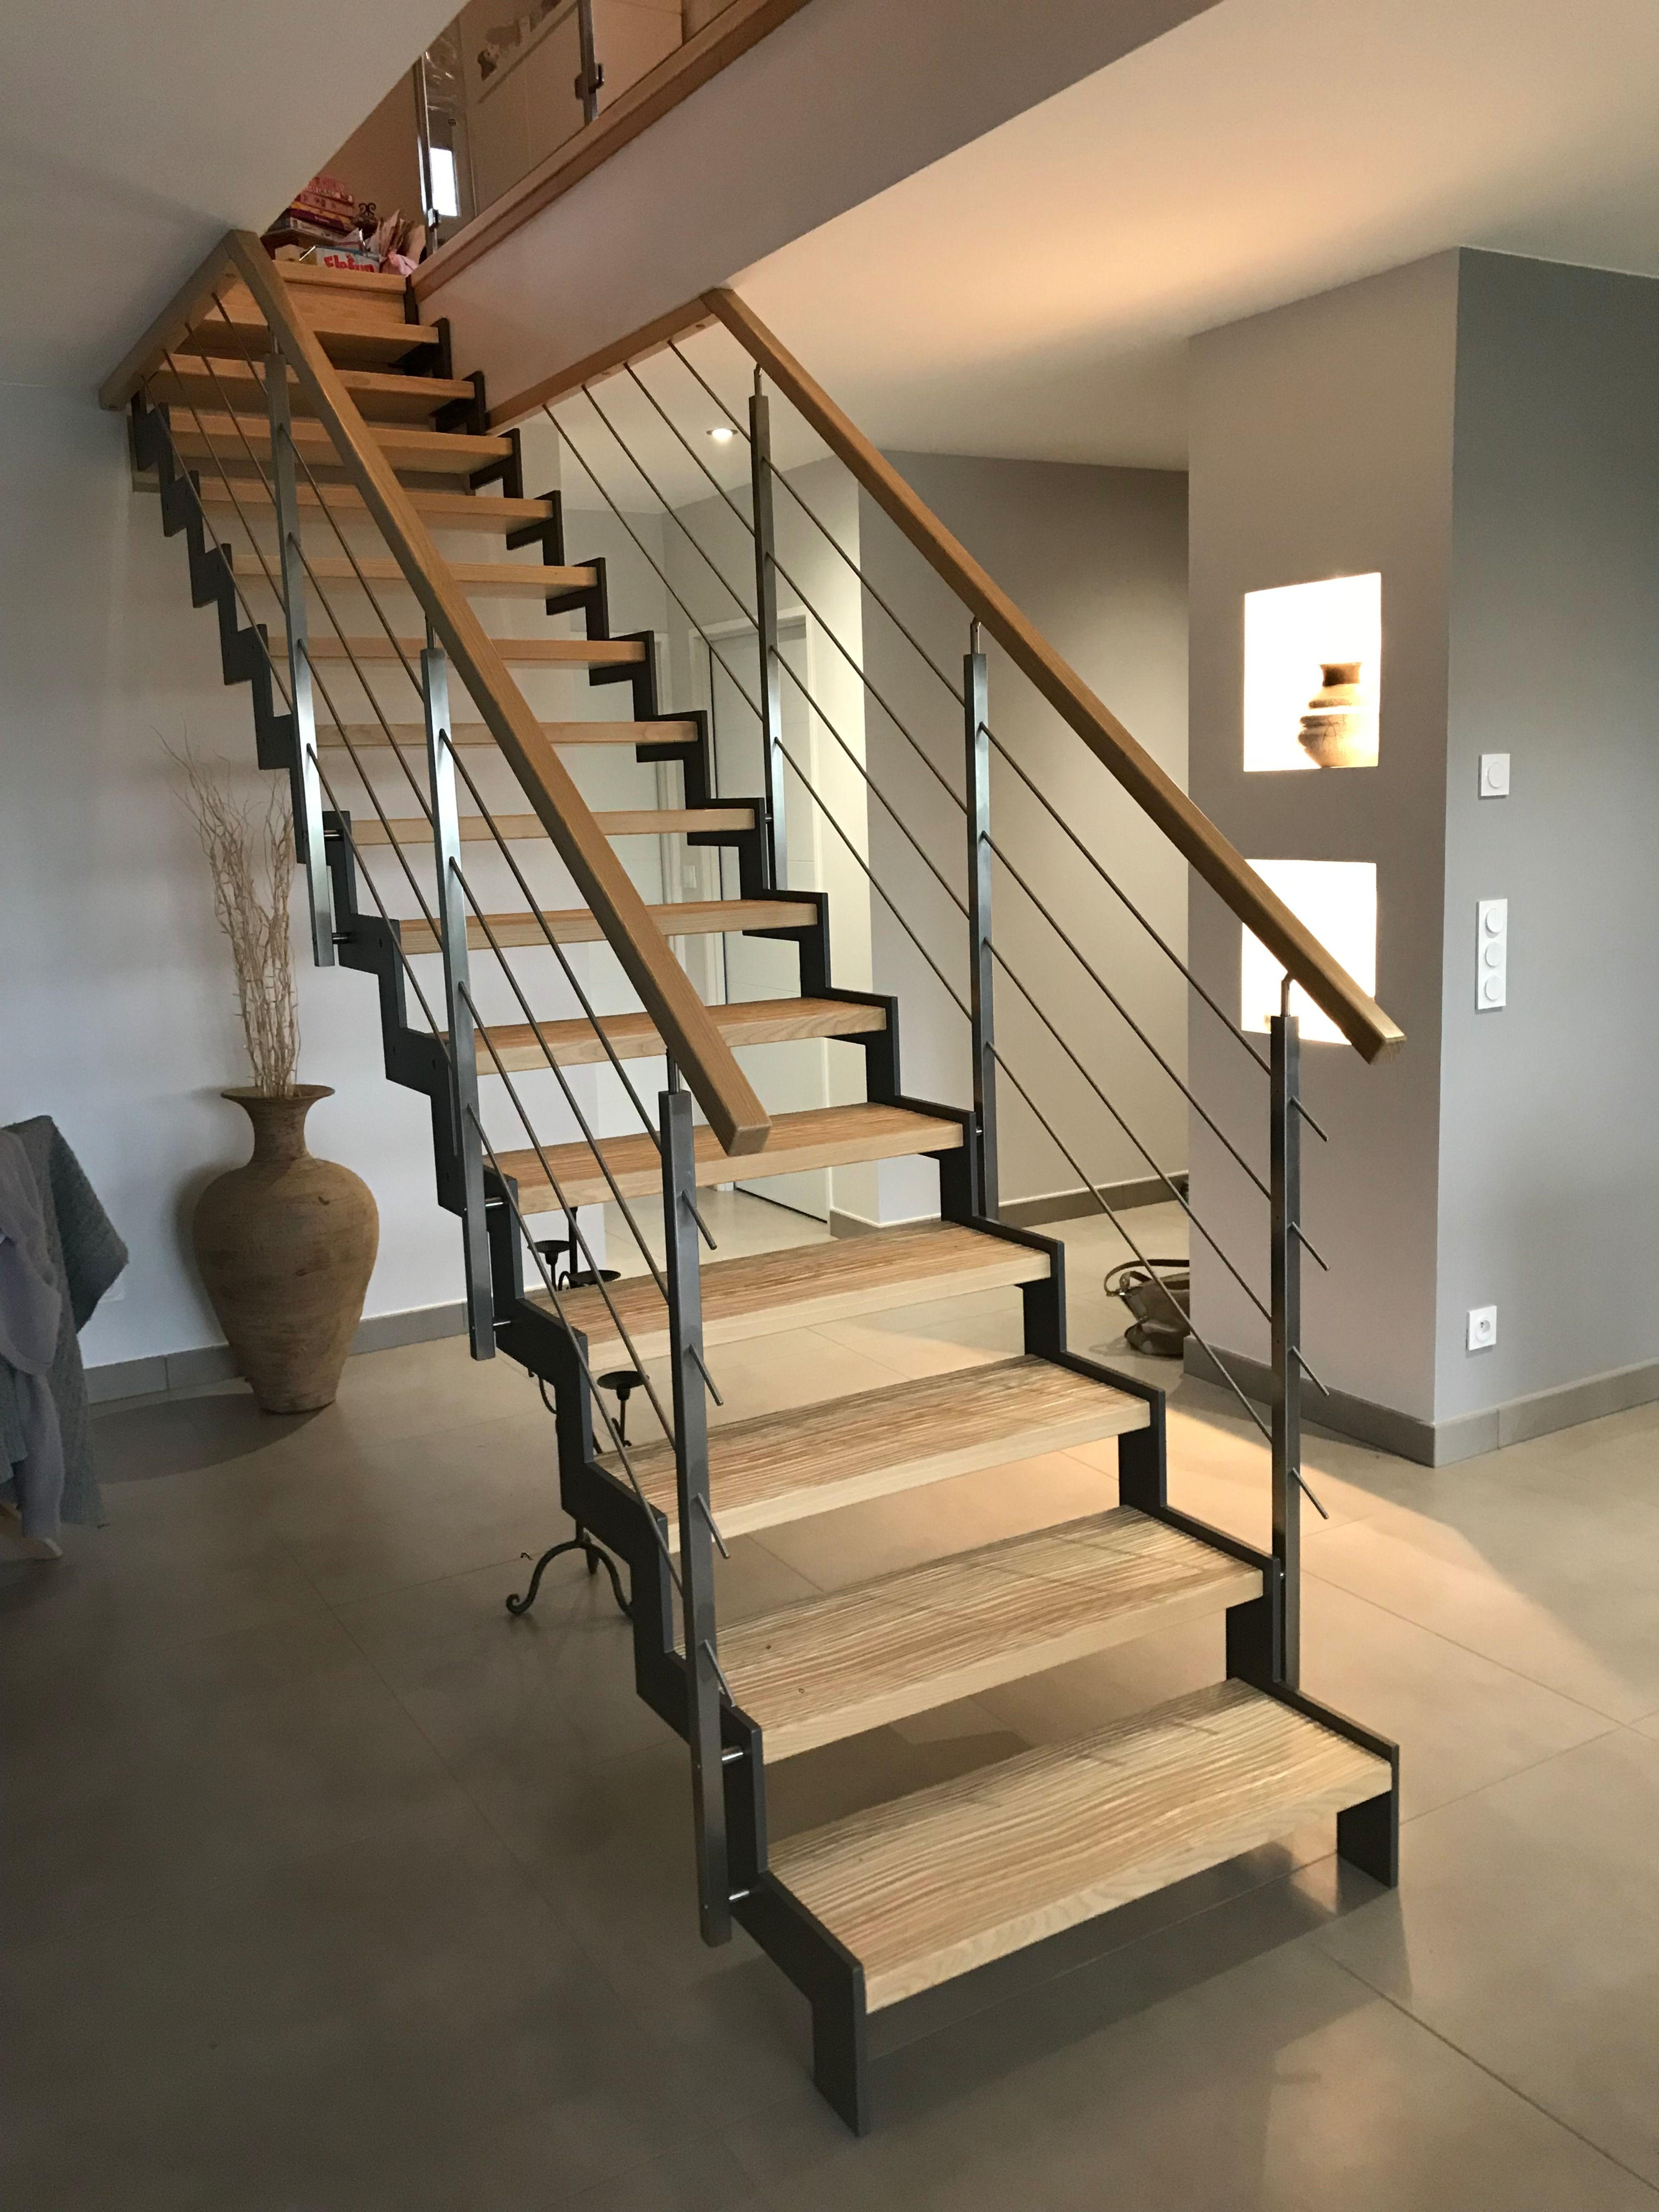 Escalier Au Style Industriel Avec Marches En Bois Structure L